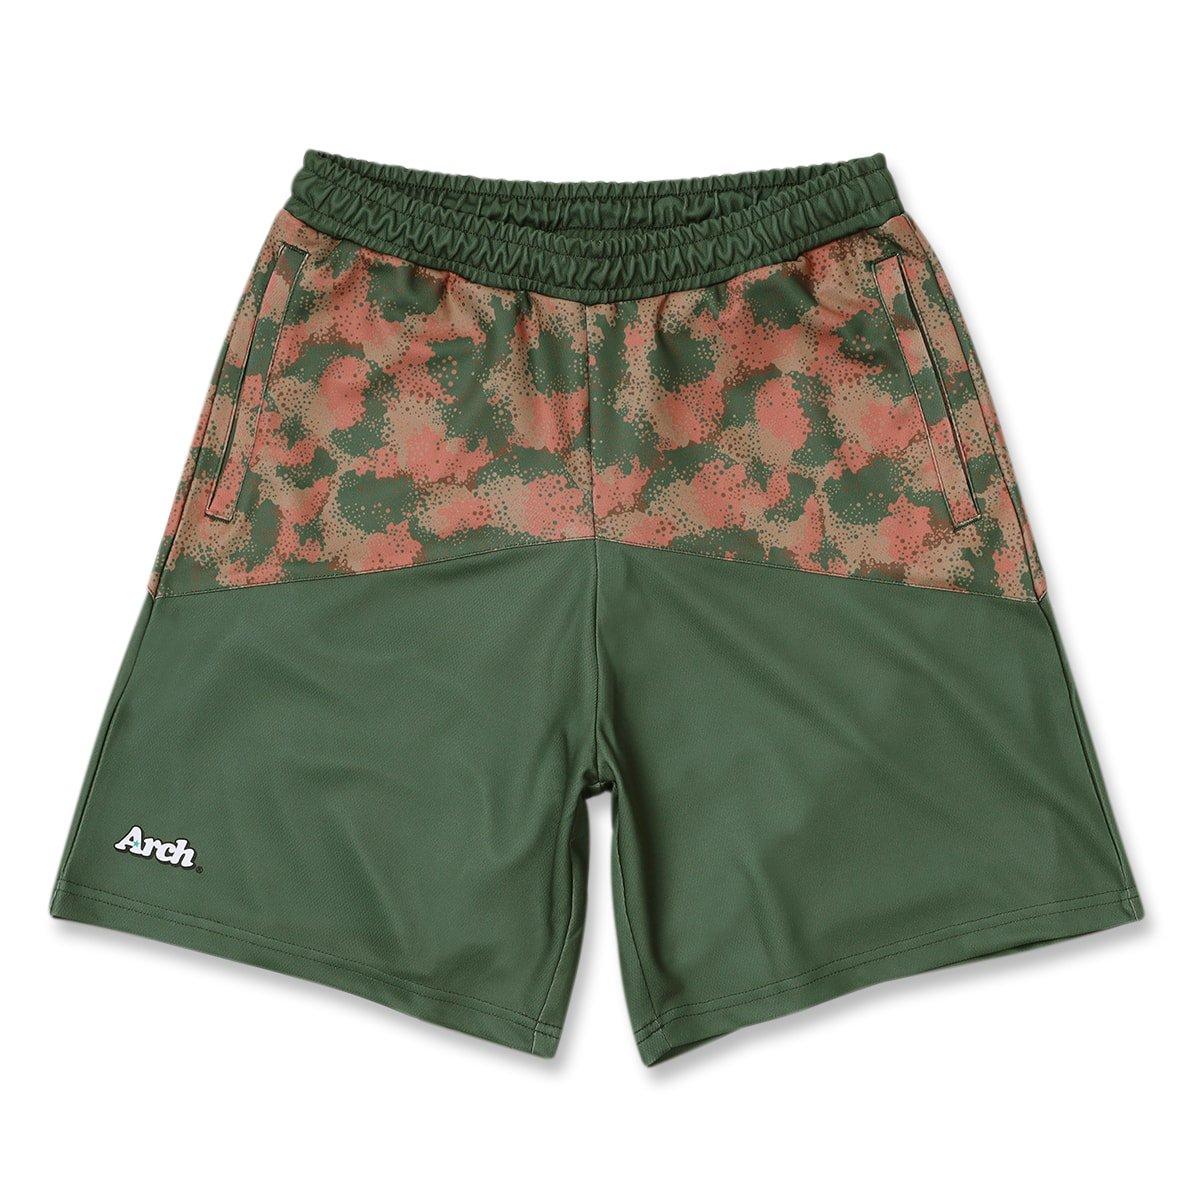 spray camo shorts【loden green】